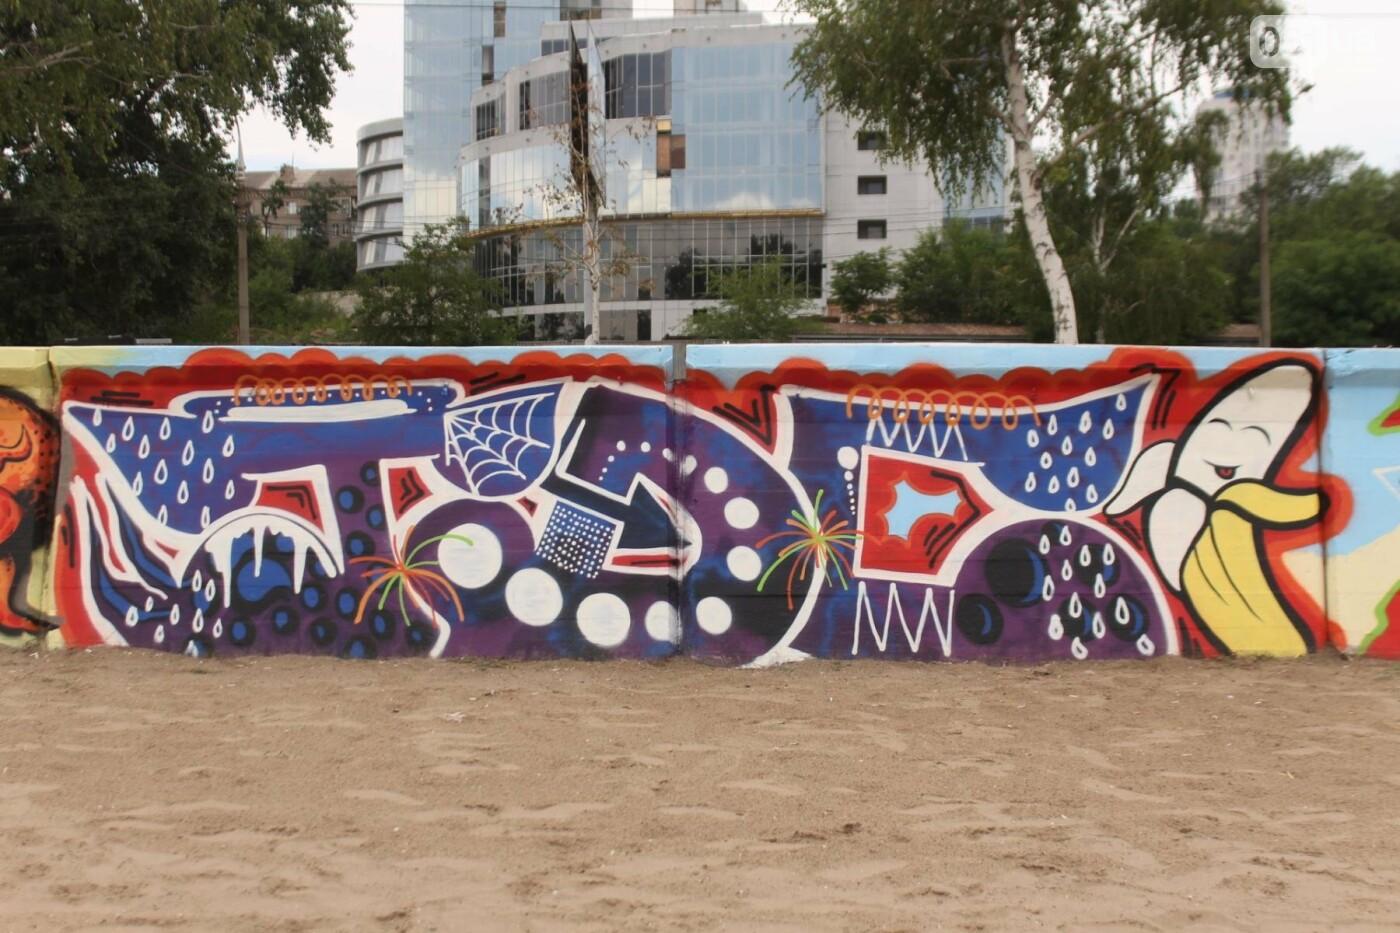 В Запорожье на пляже закончился фестиваль граффити: разрисовали 150 метров бетонной стены, – ФОТОРЕПОРТАЖ, фото-20